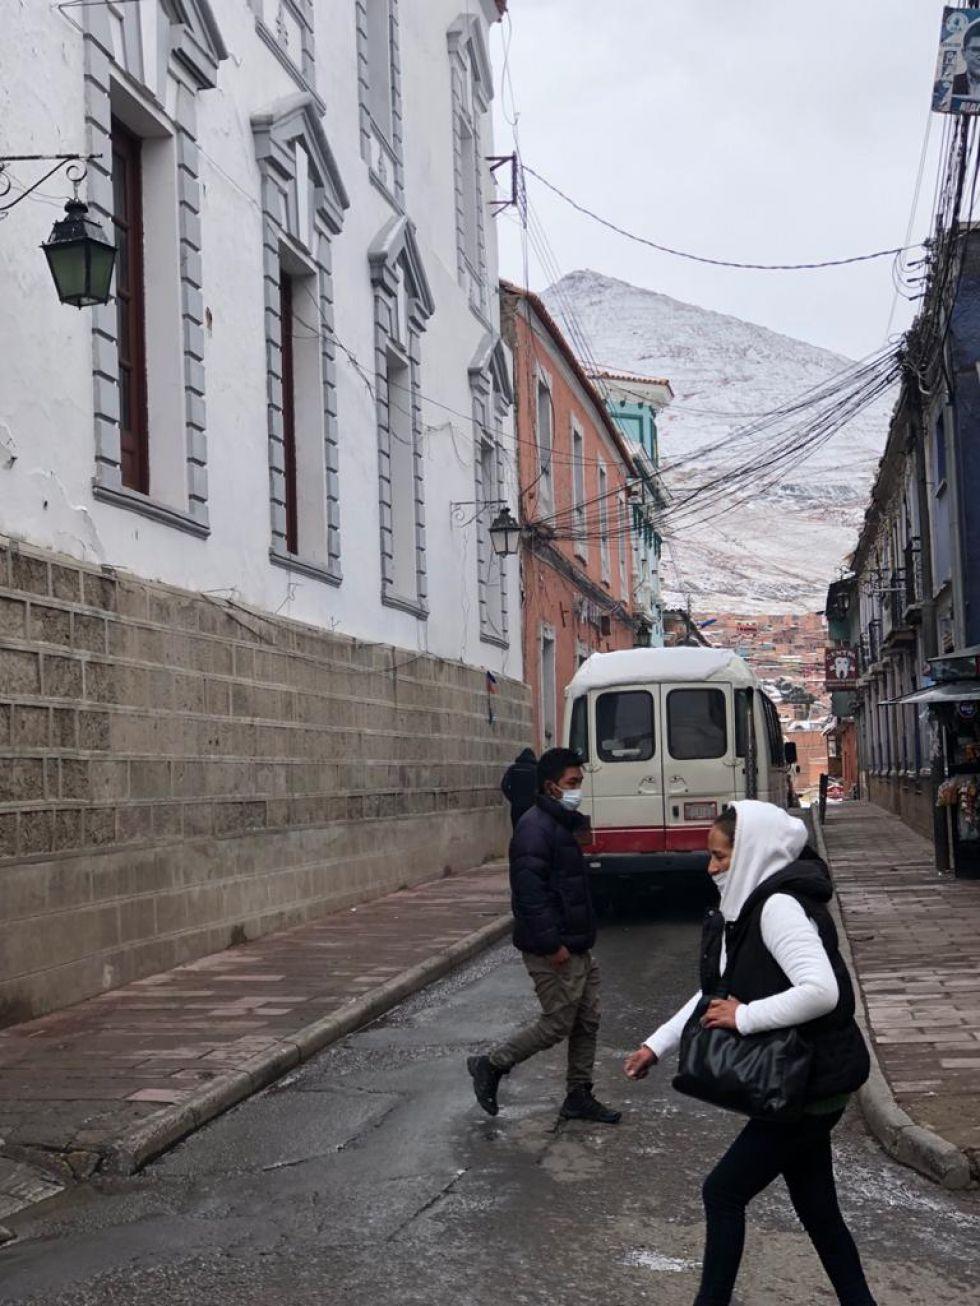 El paisaje turístico de Potosí cubierto de blanco.